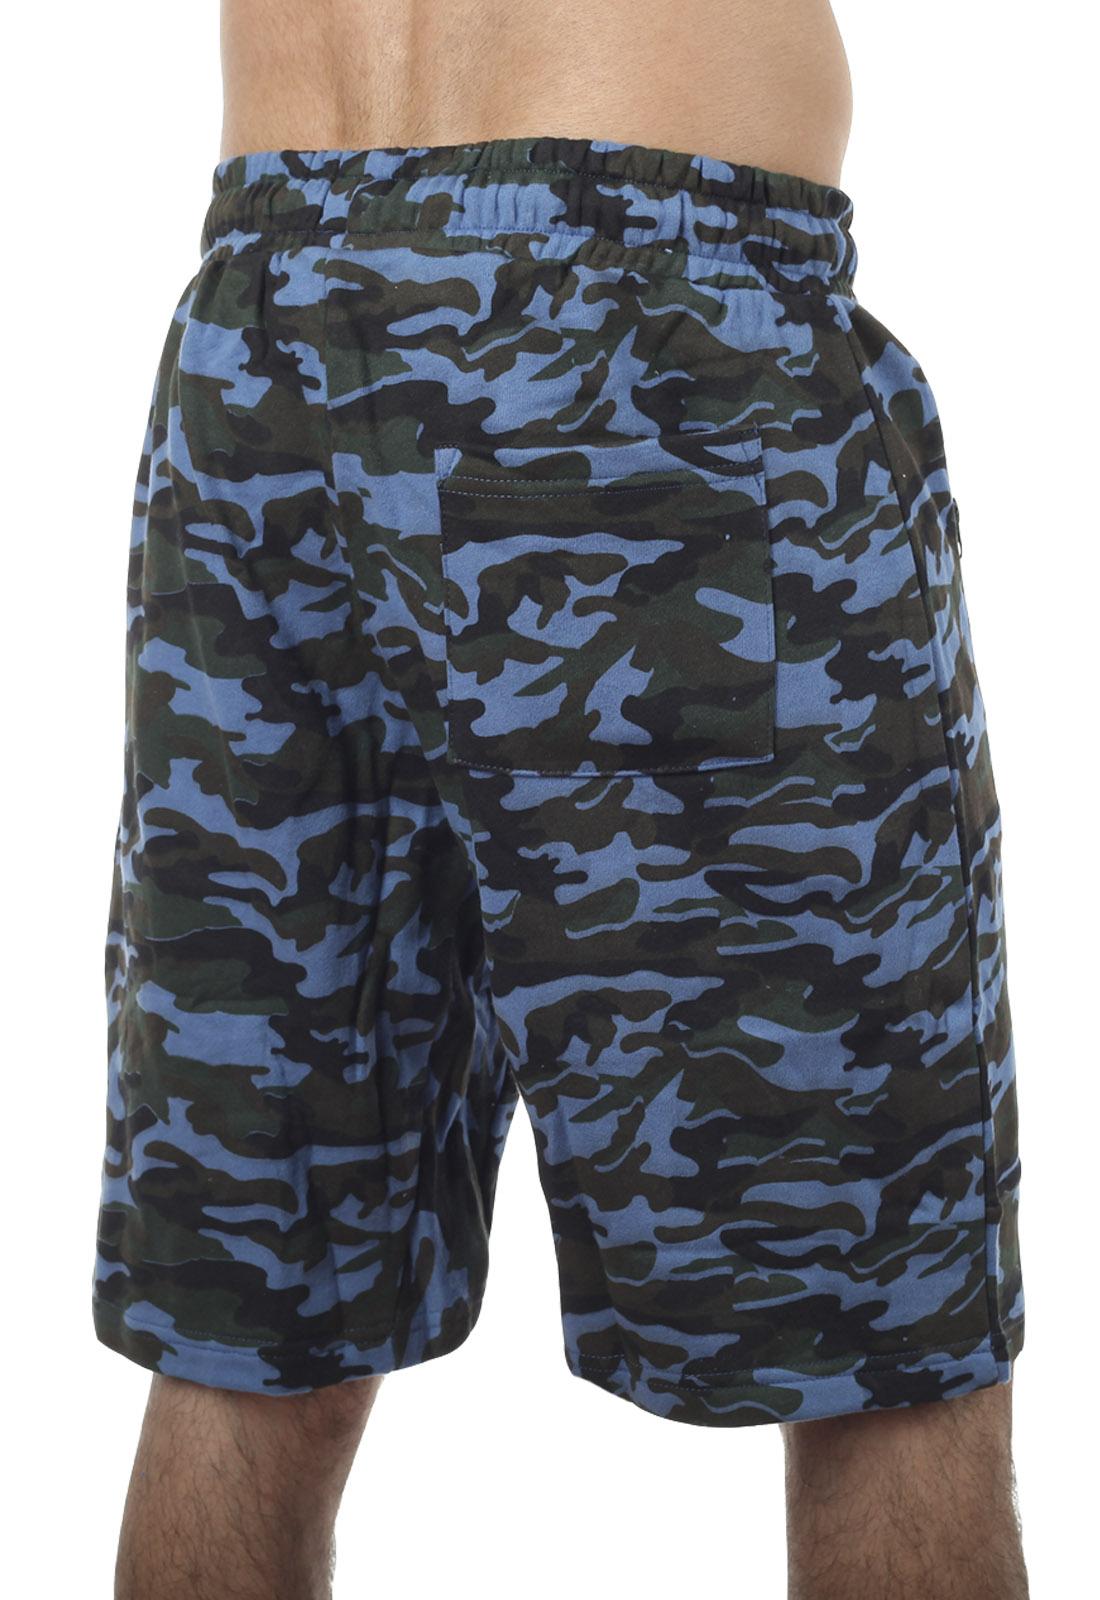 Спецназовские шорты с вышивкой – недорого и стильно